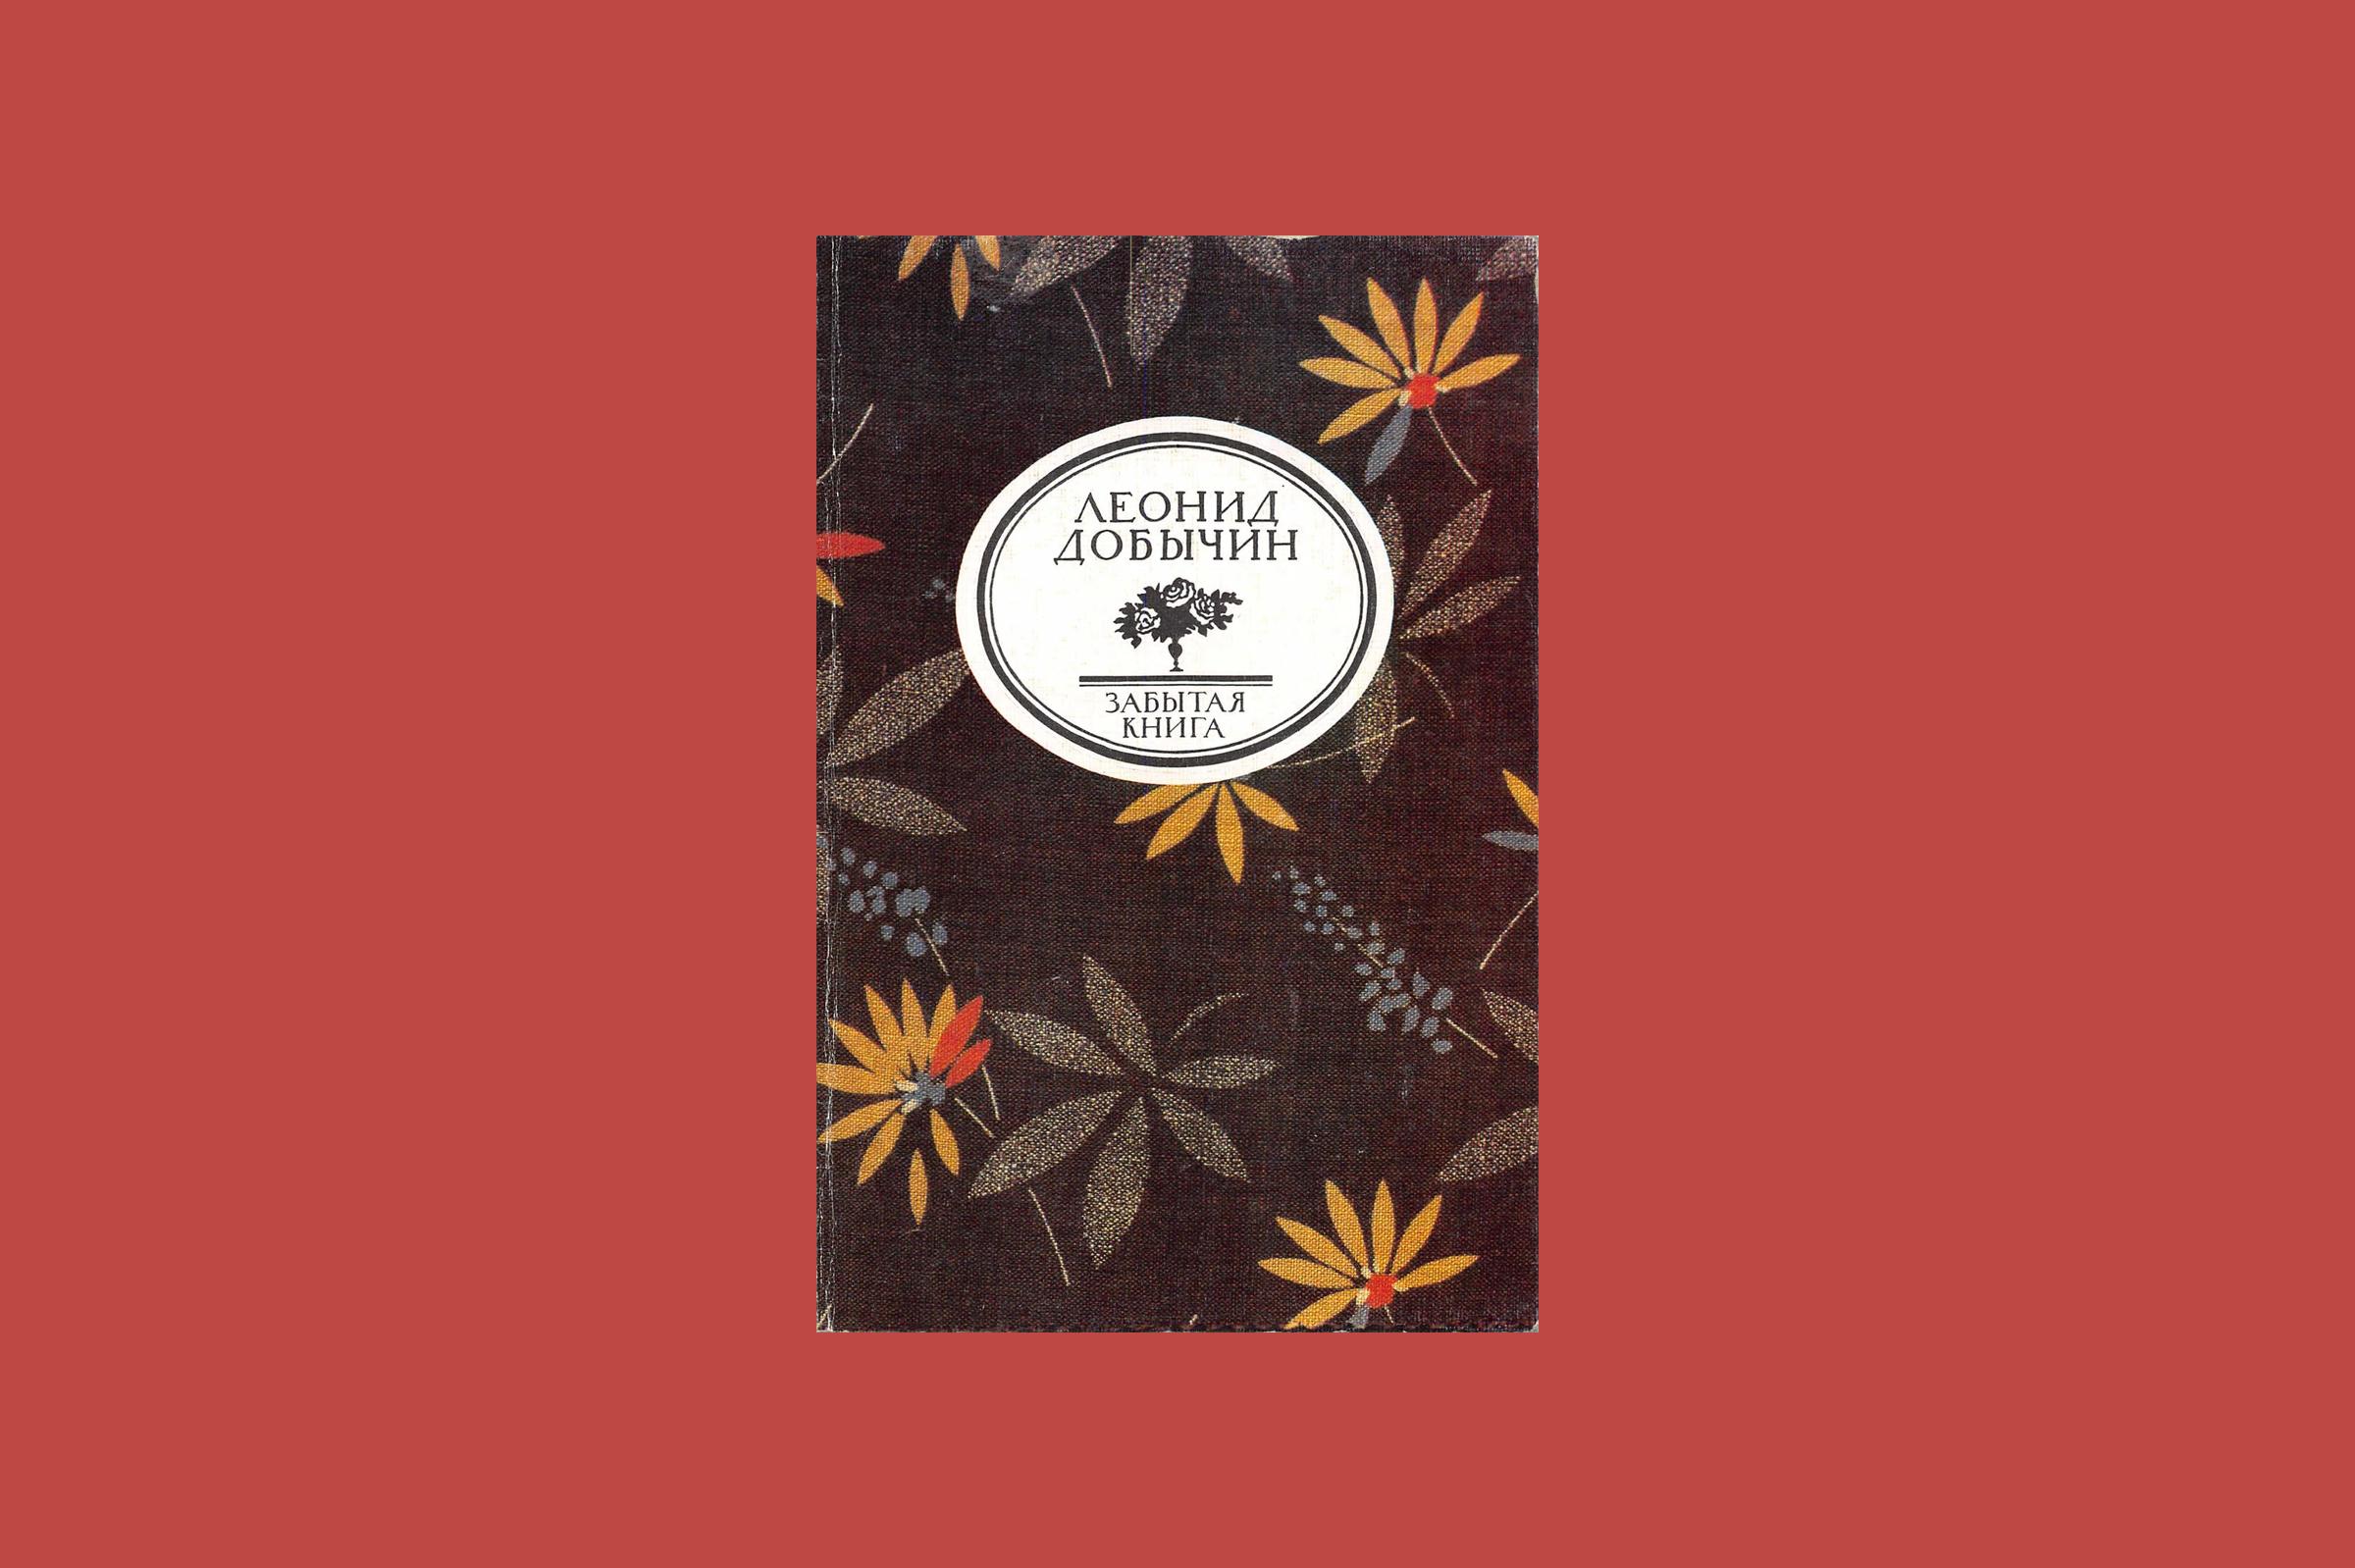 Обложка книги Леонида Добычина, в которую вошли «Город Эн» и избранные рассказы. Вышла в 1989 году